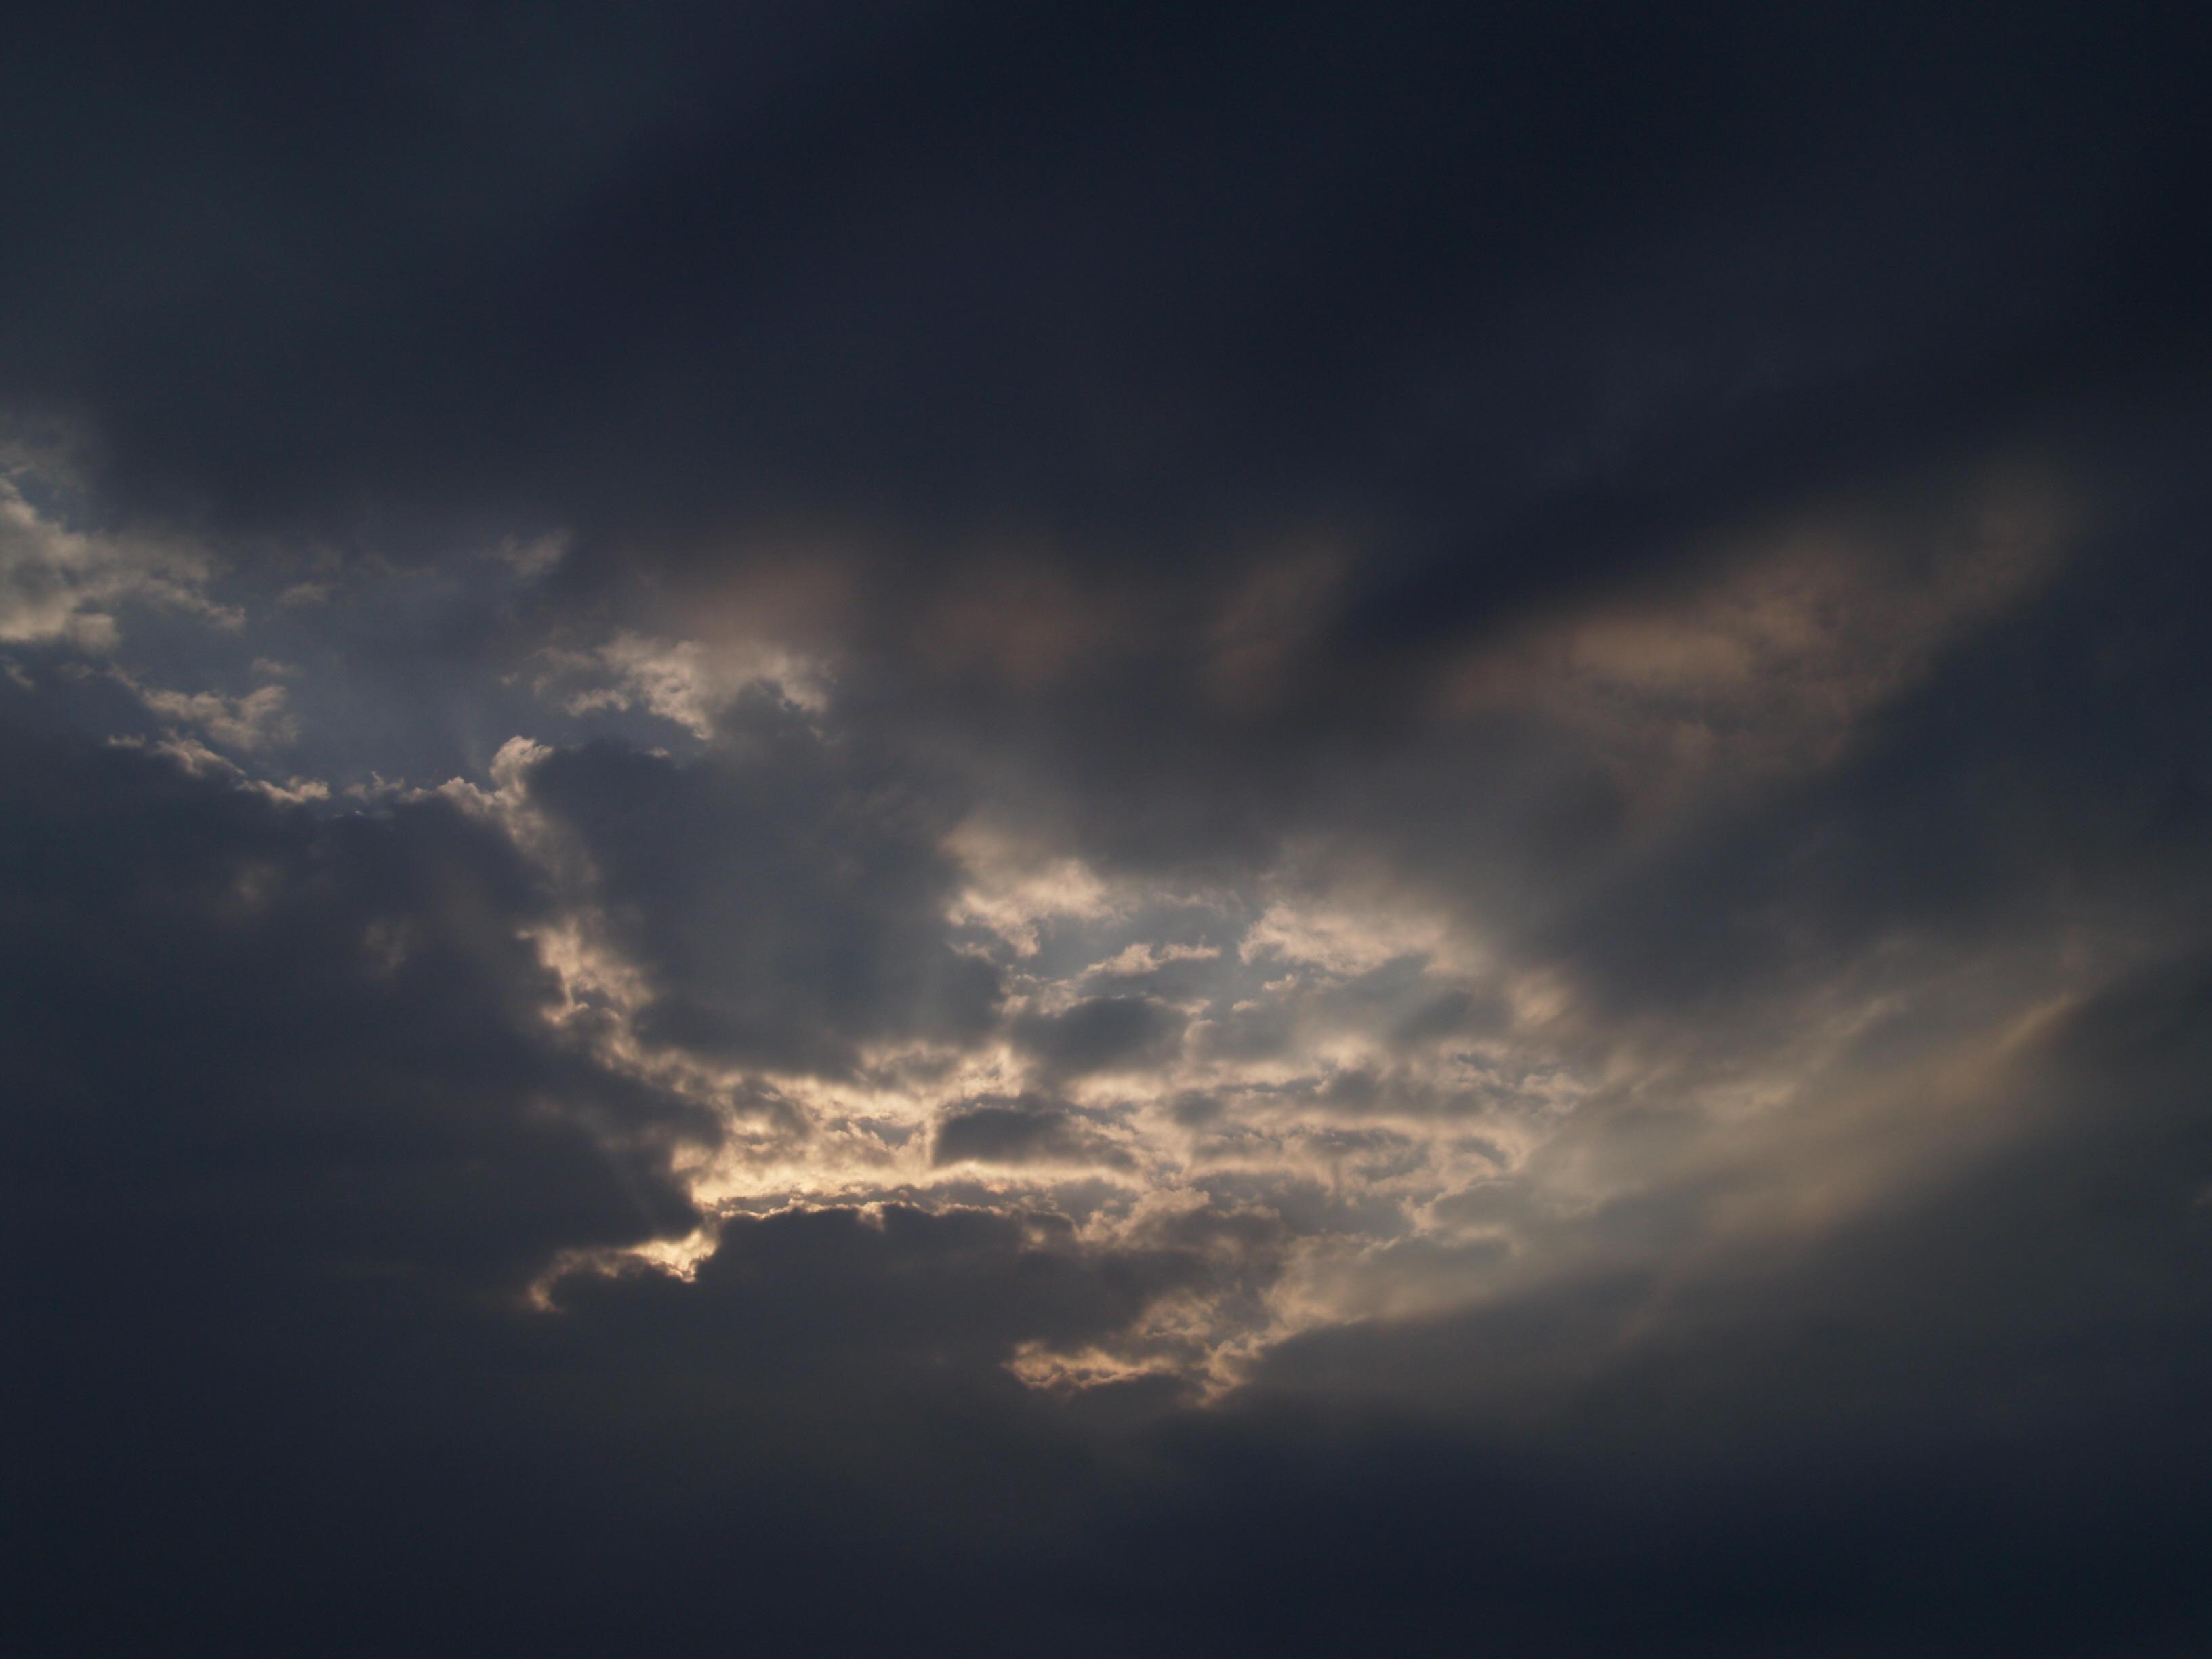 sky 5 by akinna-stock